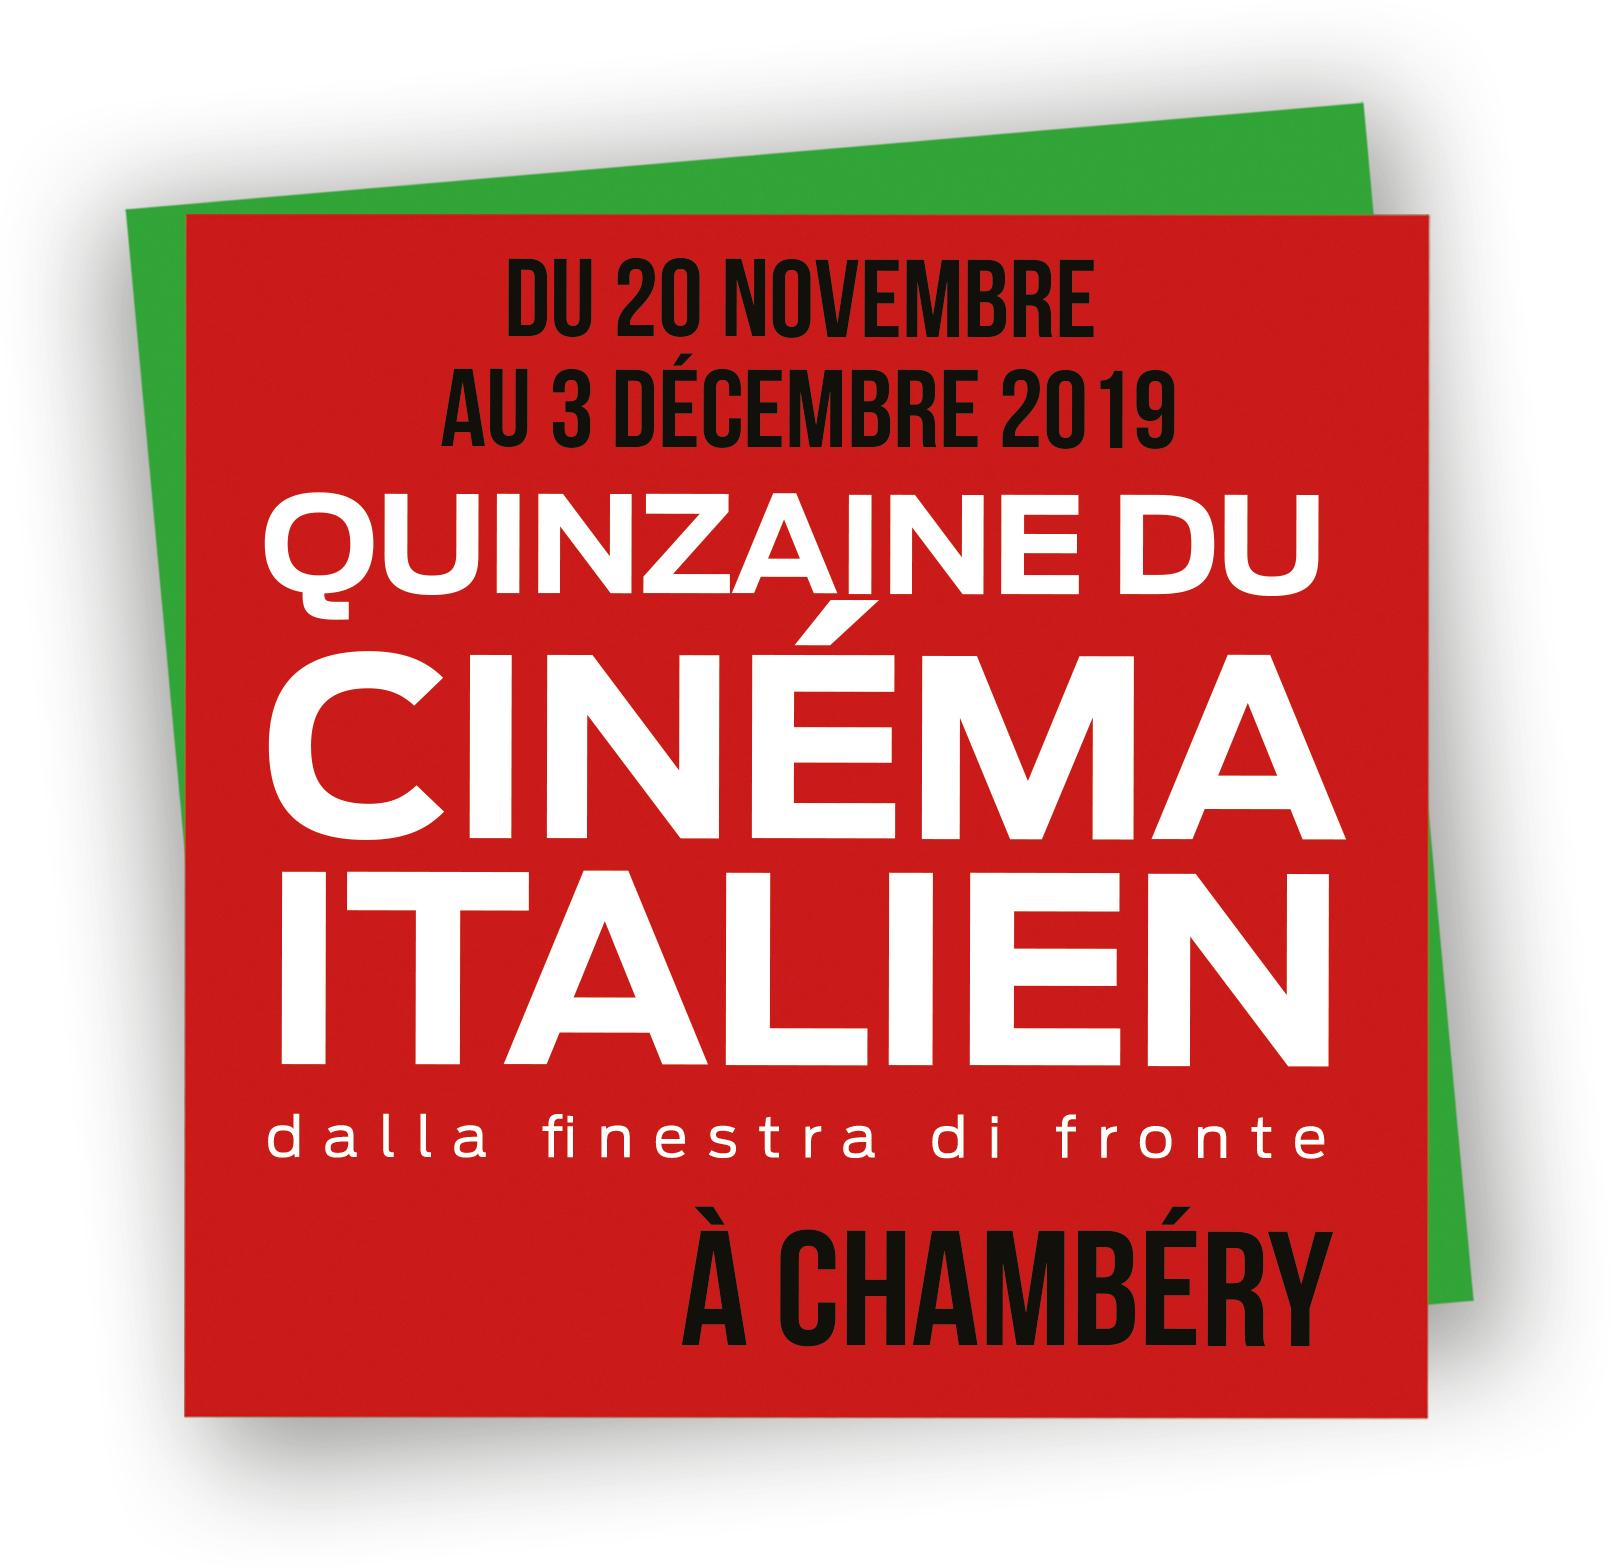 [Quinzaine du cinéma italien] 7 places de cinéma pour 30€ - Chambéry (73)